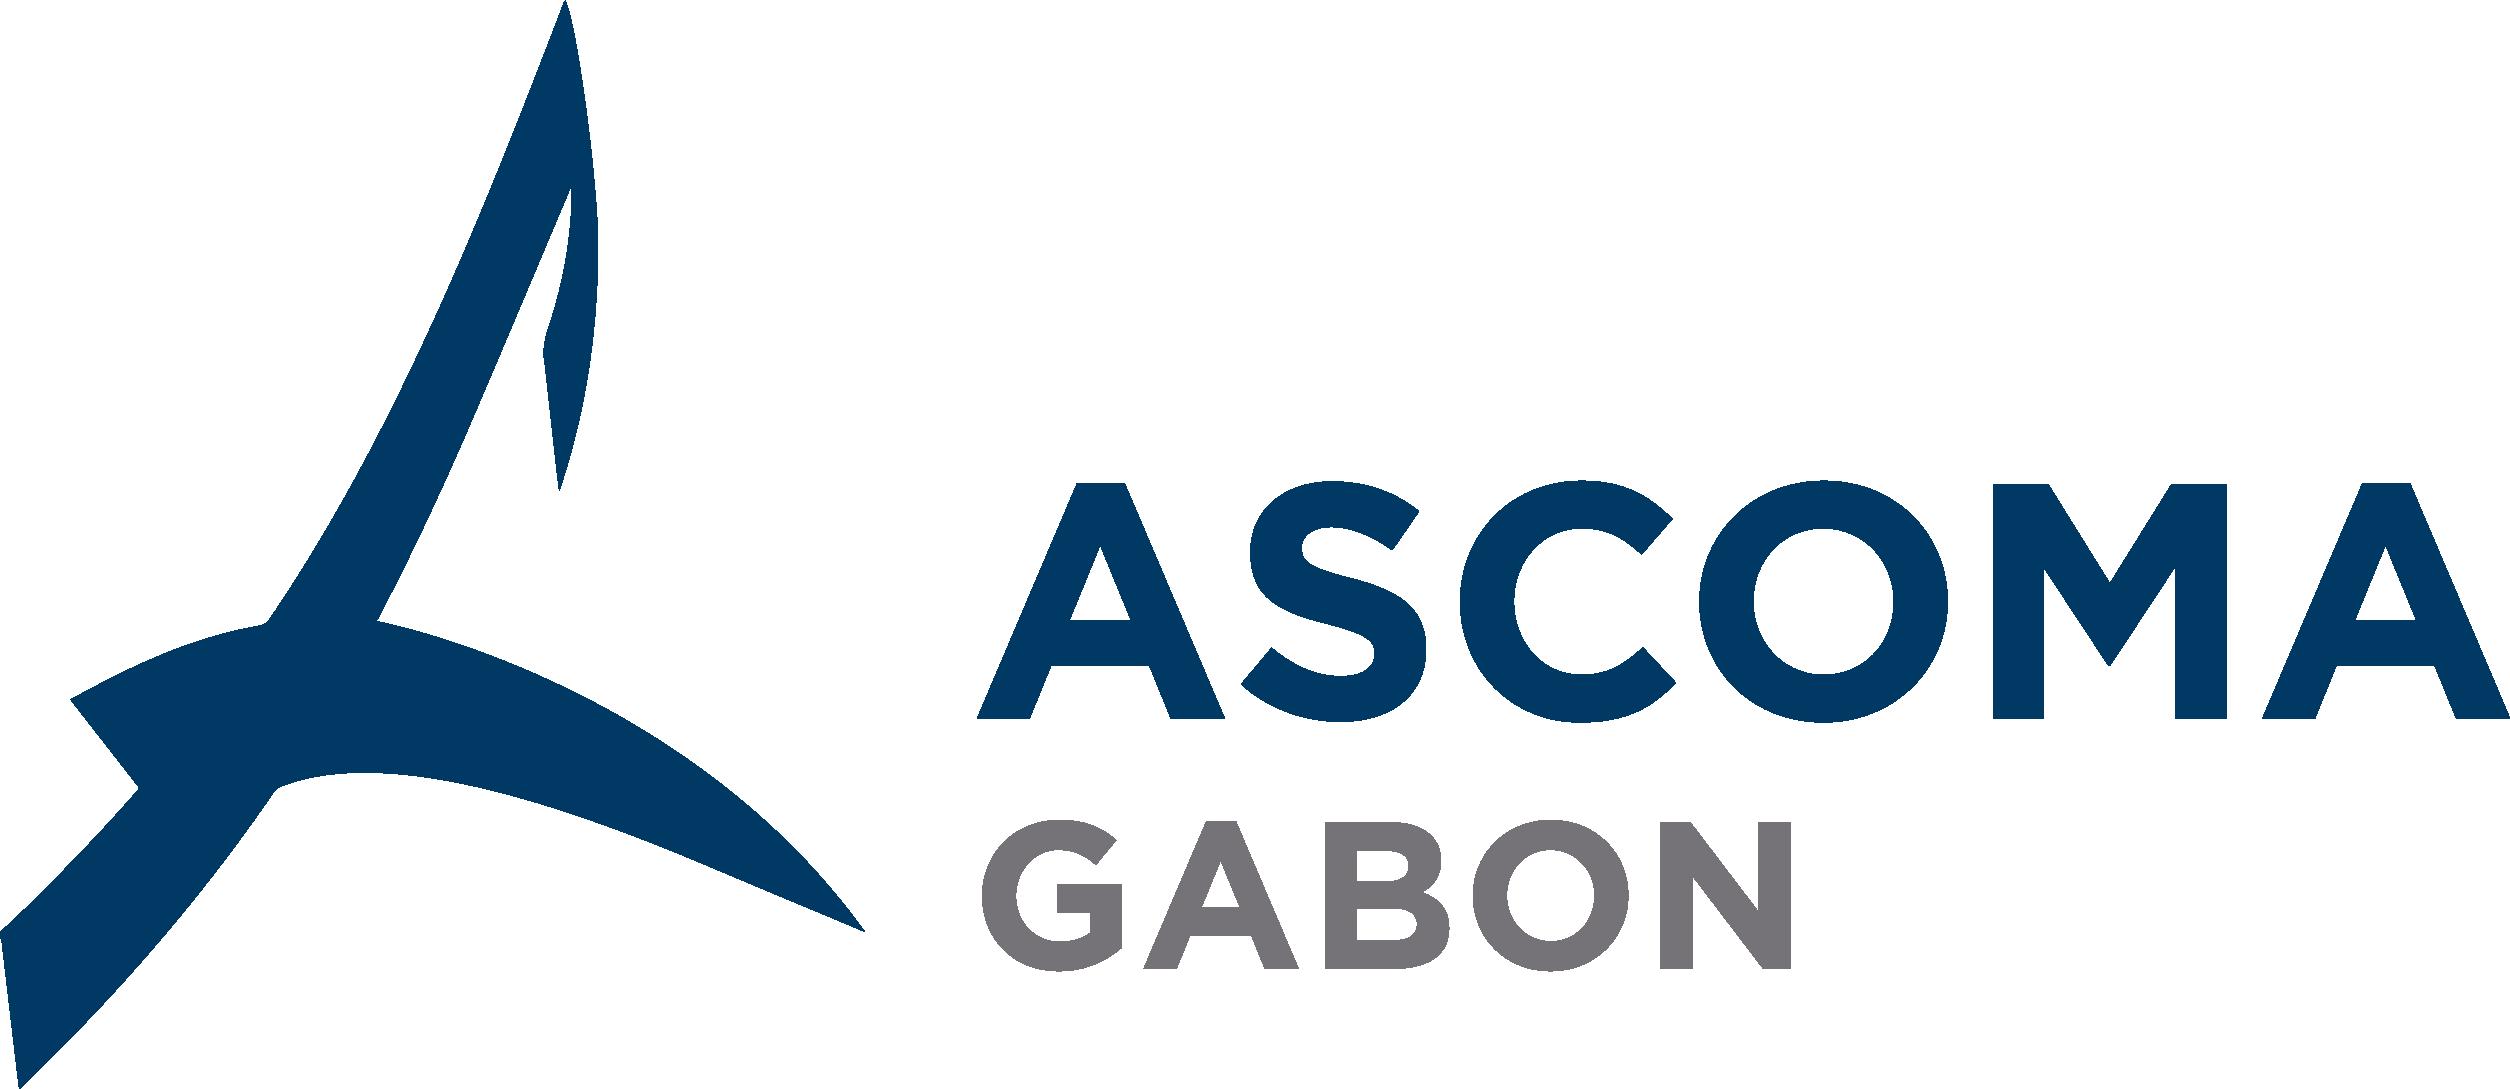 ASCOMA Gabon